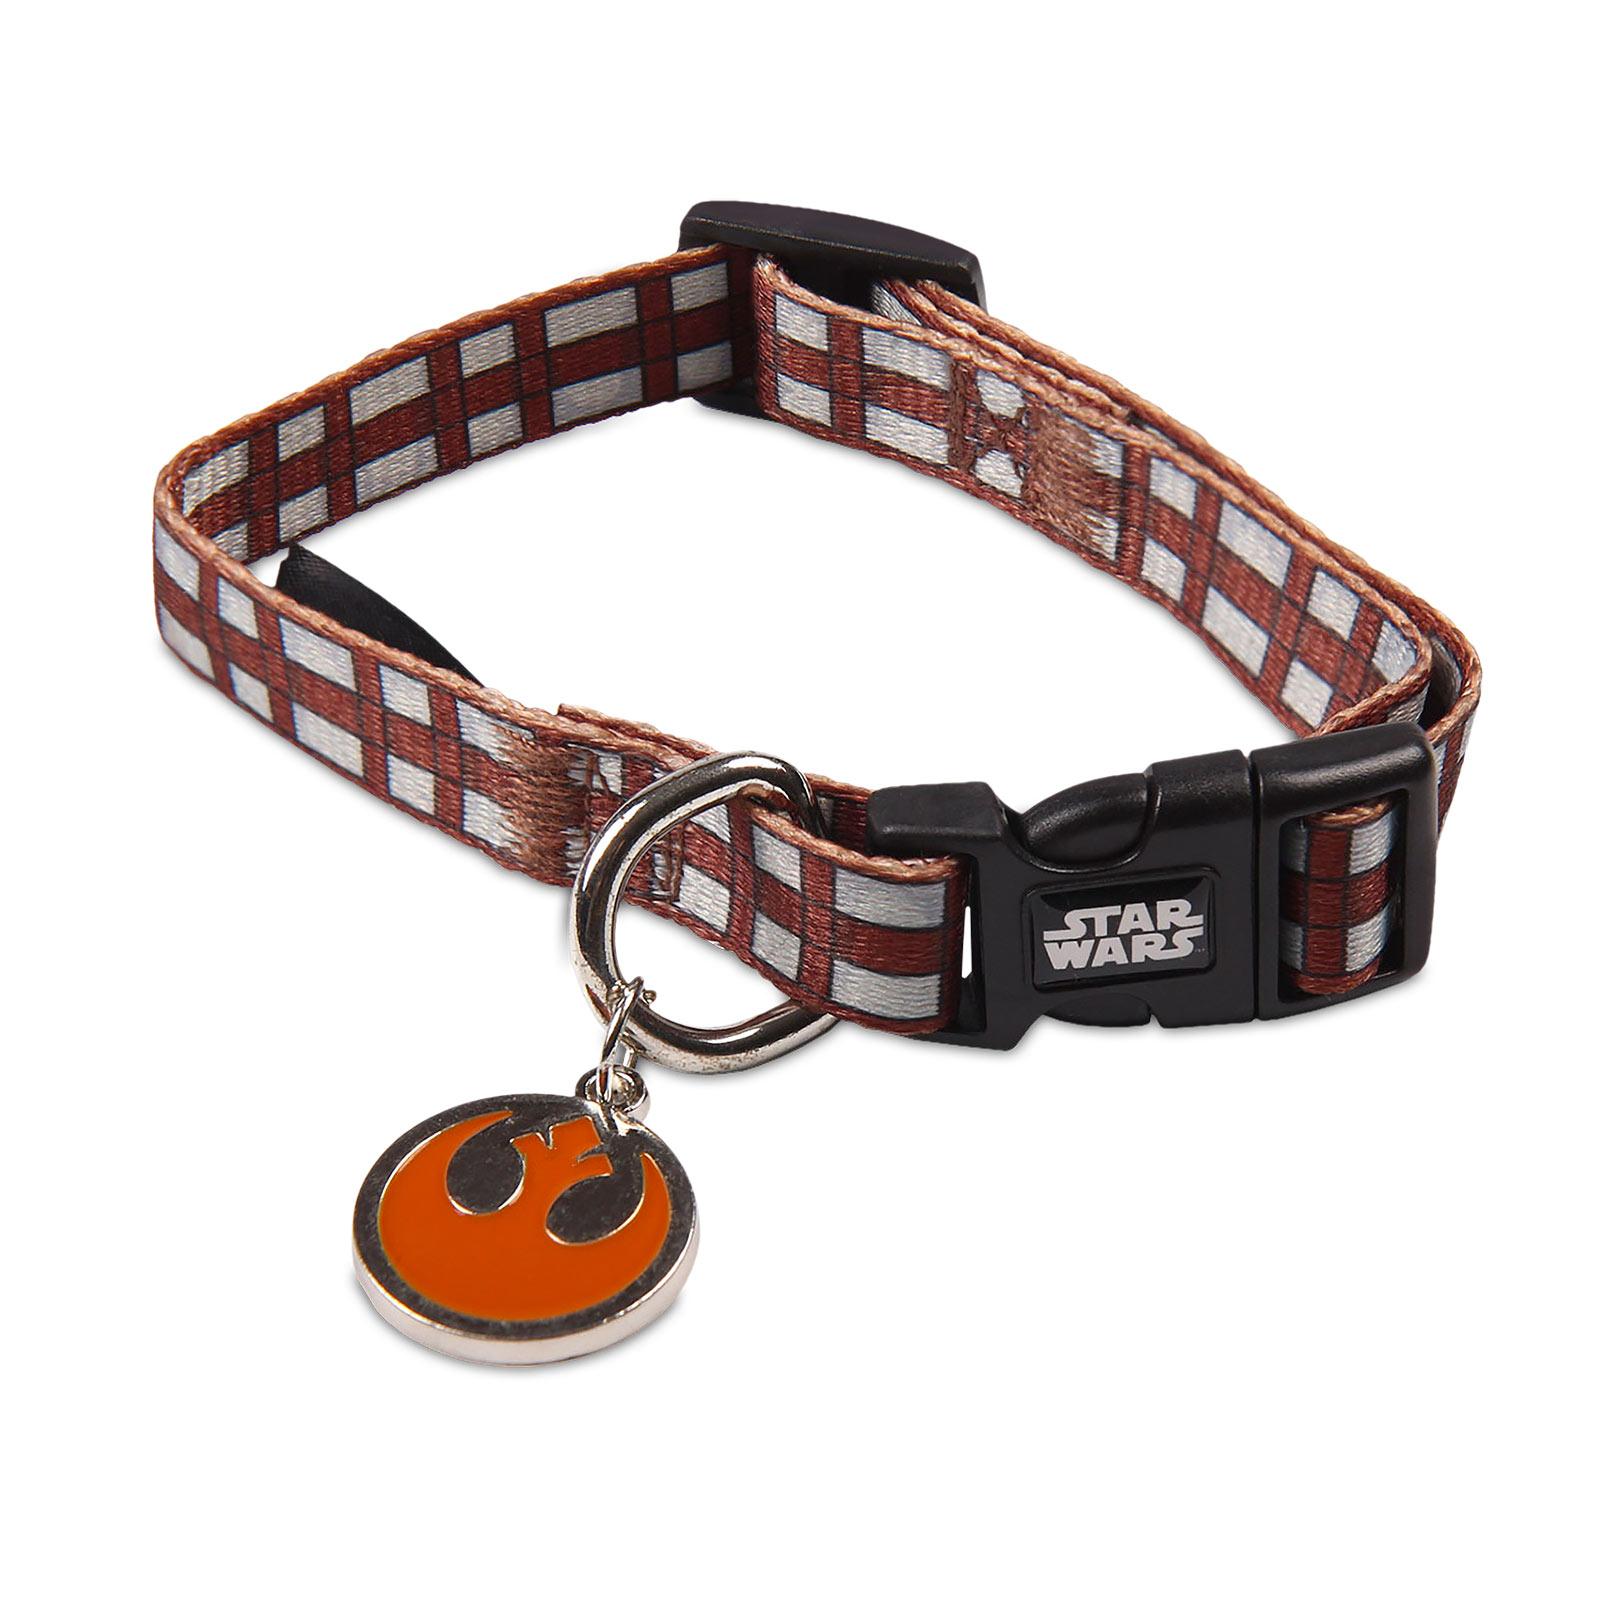 Star Wars - Chewbacca Klick-Halsband für Hunde braun